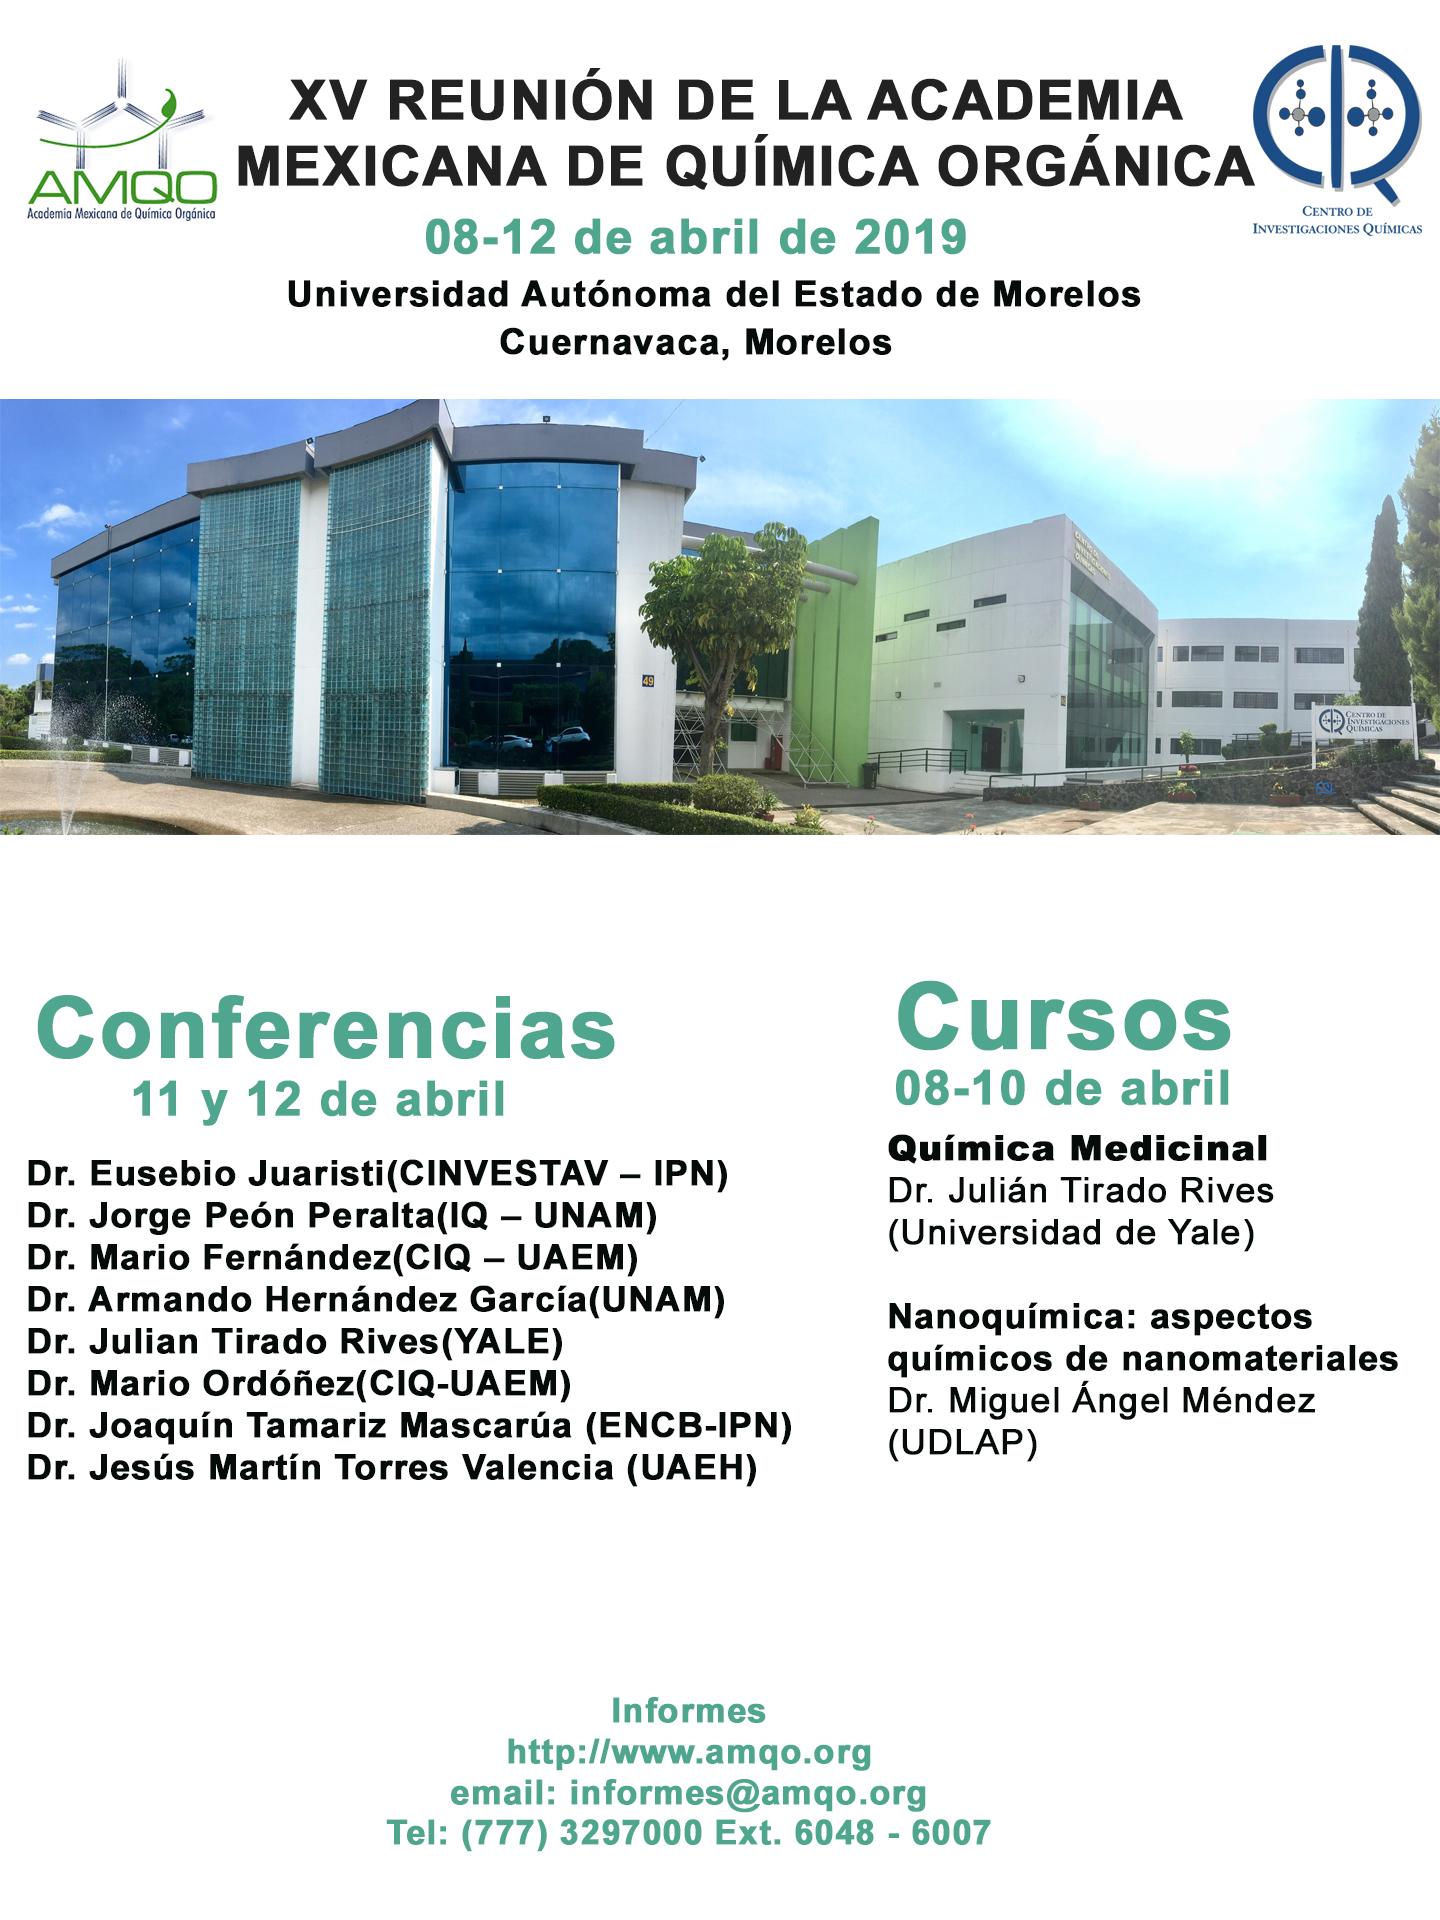 xv-reunion-de-la-academia-mexicana-de-quimica-organica-2